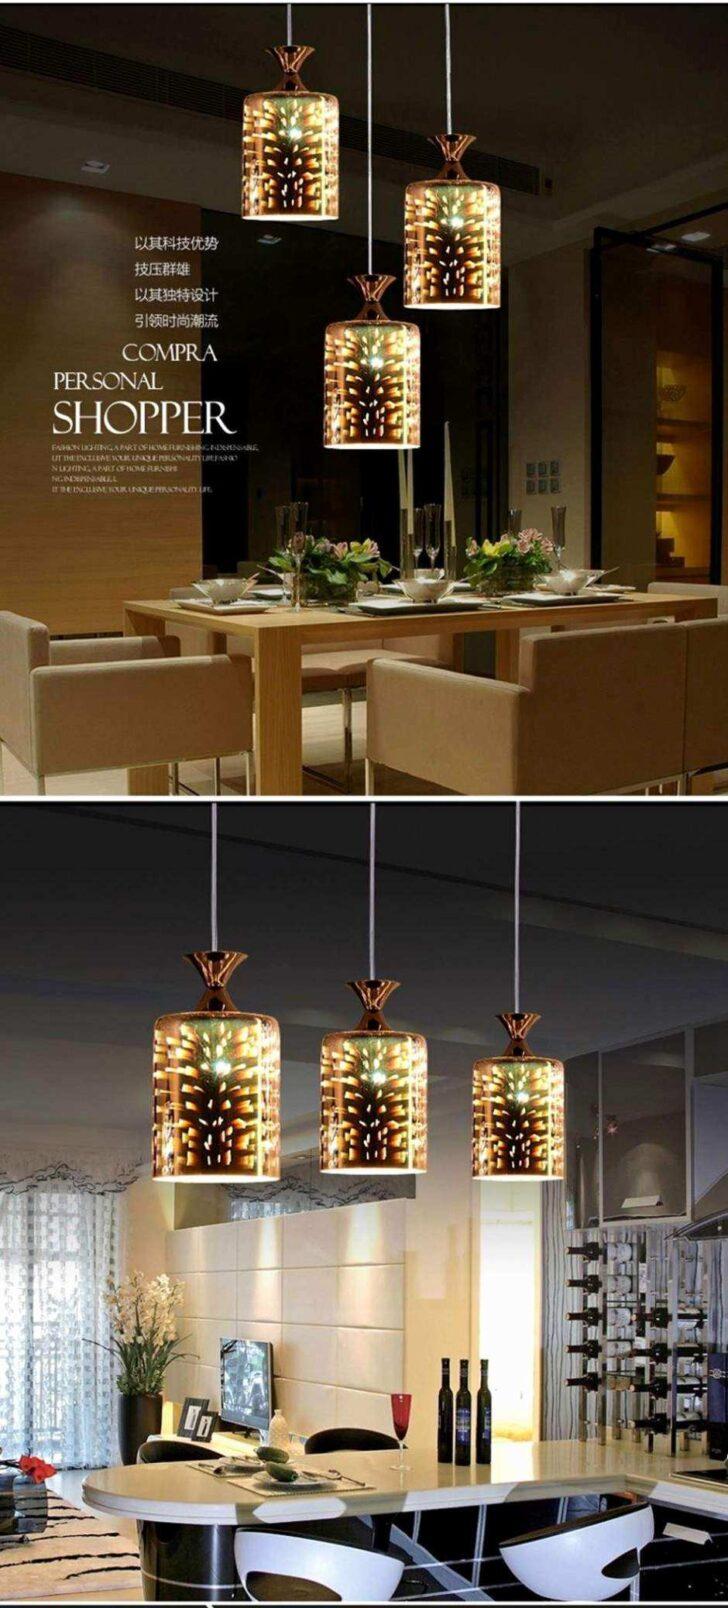 Medium Size of Deckenlampe Wohnzimmer Deckenlampen Modern Sofa Leder Braun Komplett Led Beleuchtung Decke Großes Bild Stehleuchte Einbauleuchten Bad Büffelleder Für Wohnzimmer Wohnzimmer Deckenlampe Led